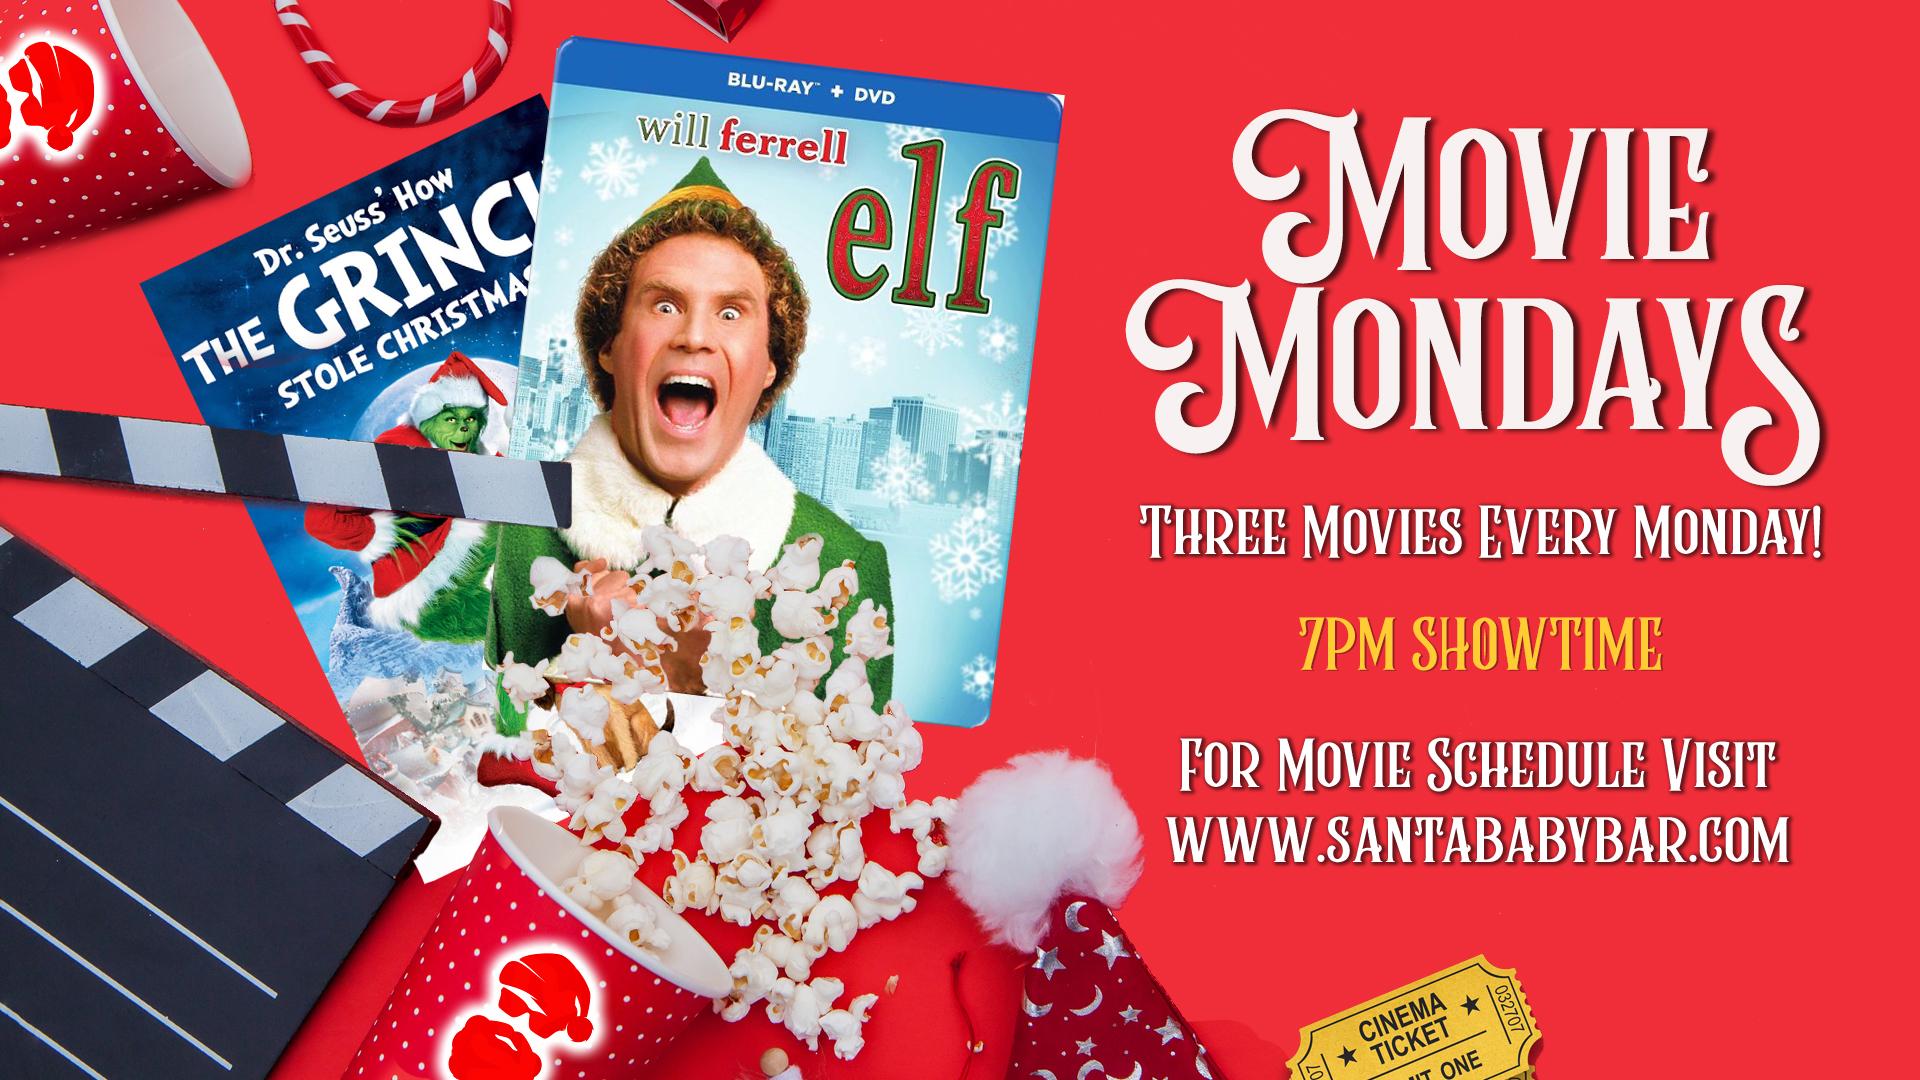 MovieMondays_TVAd.jpg